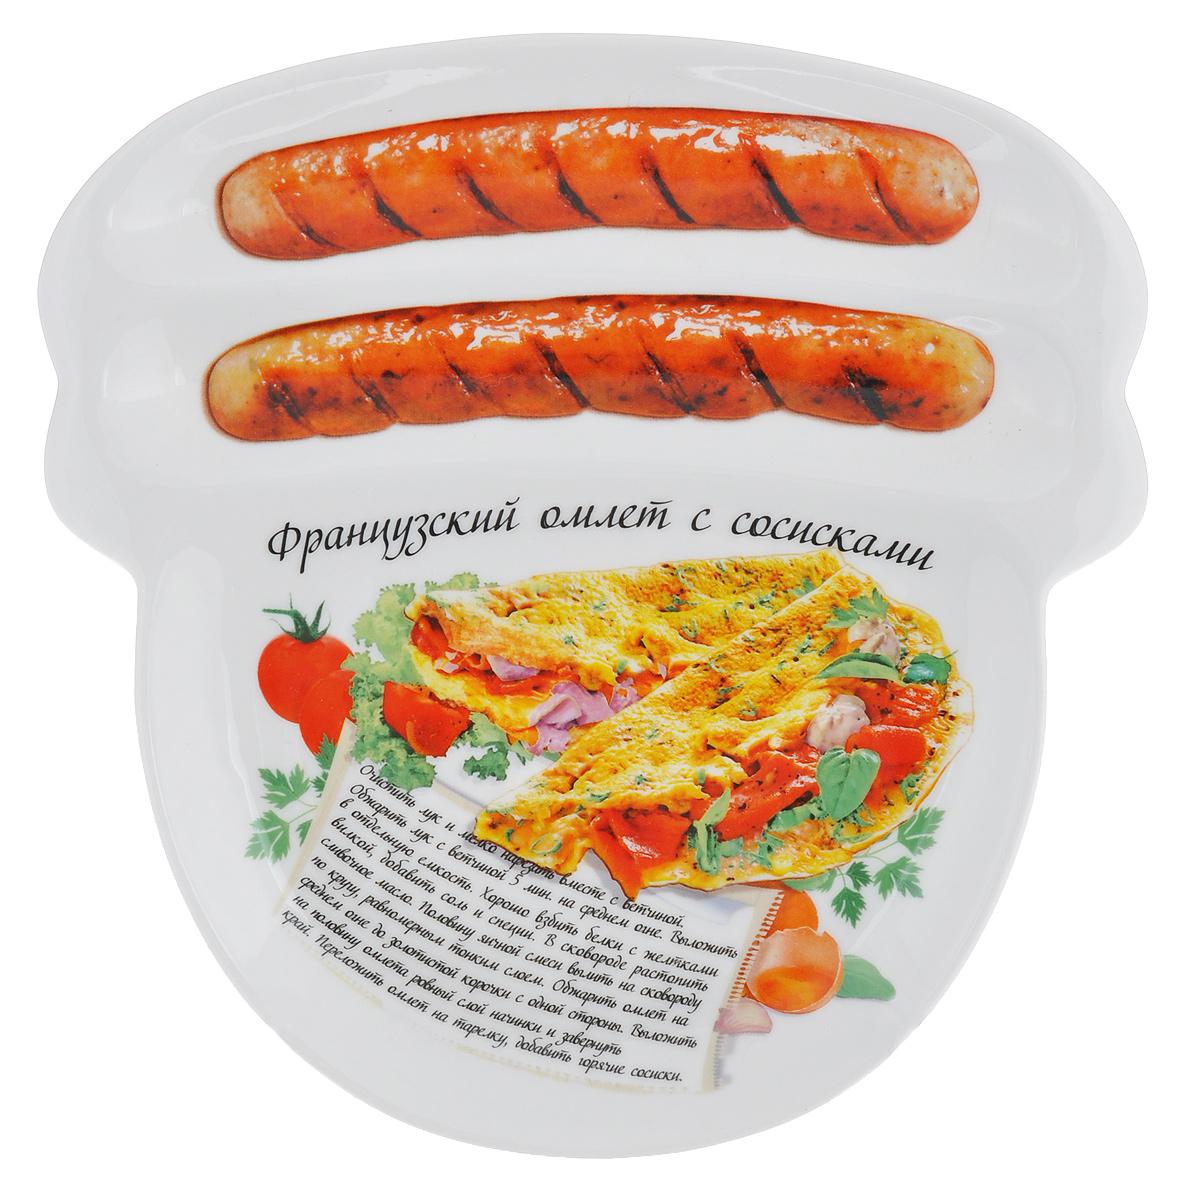 Блюдо для сосисок Larangе Французский омлет с сосисками, 23 см х 22,7 см х 1,6 см598-079Блюдо для сосисок Larange Французский омлет с сосисками изготовлено из высококачественной керамики. Изделие украшено изображением двух сосисок и рецепта французского омлета с сосисками. Тарелка имеет три отделения: два маленьких отделения для сосисок и одно большое отделение для яичницы или другого блюда. В комплект входят лучшие рецепты от шефа. Можно использовать в СВЧ печах, духовом шкафу, холодильнике. Можно мыть в посудомоечной машине. Не применять абразивные чистящие вещества.